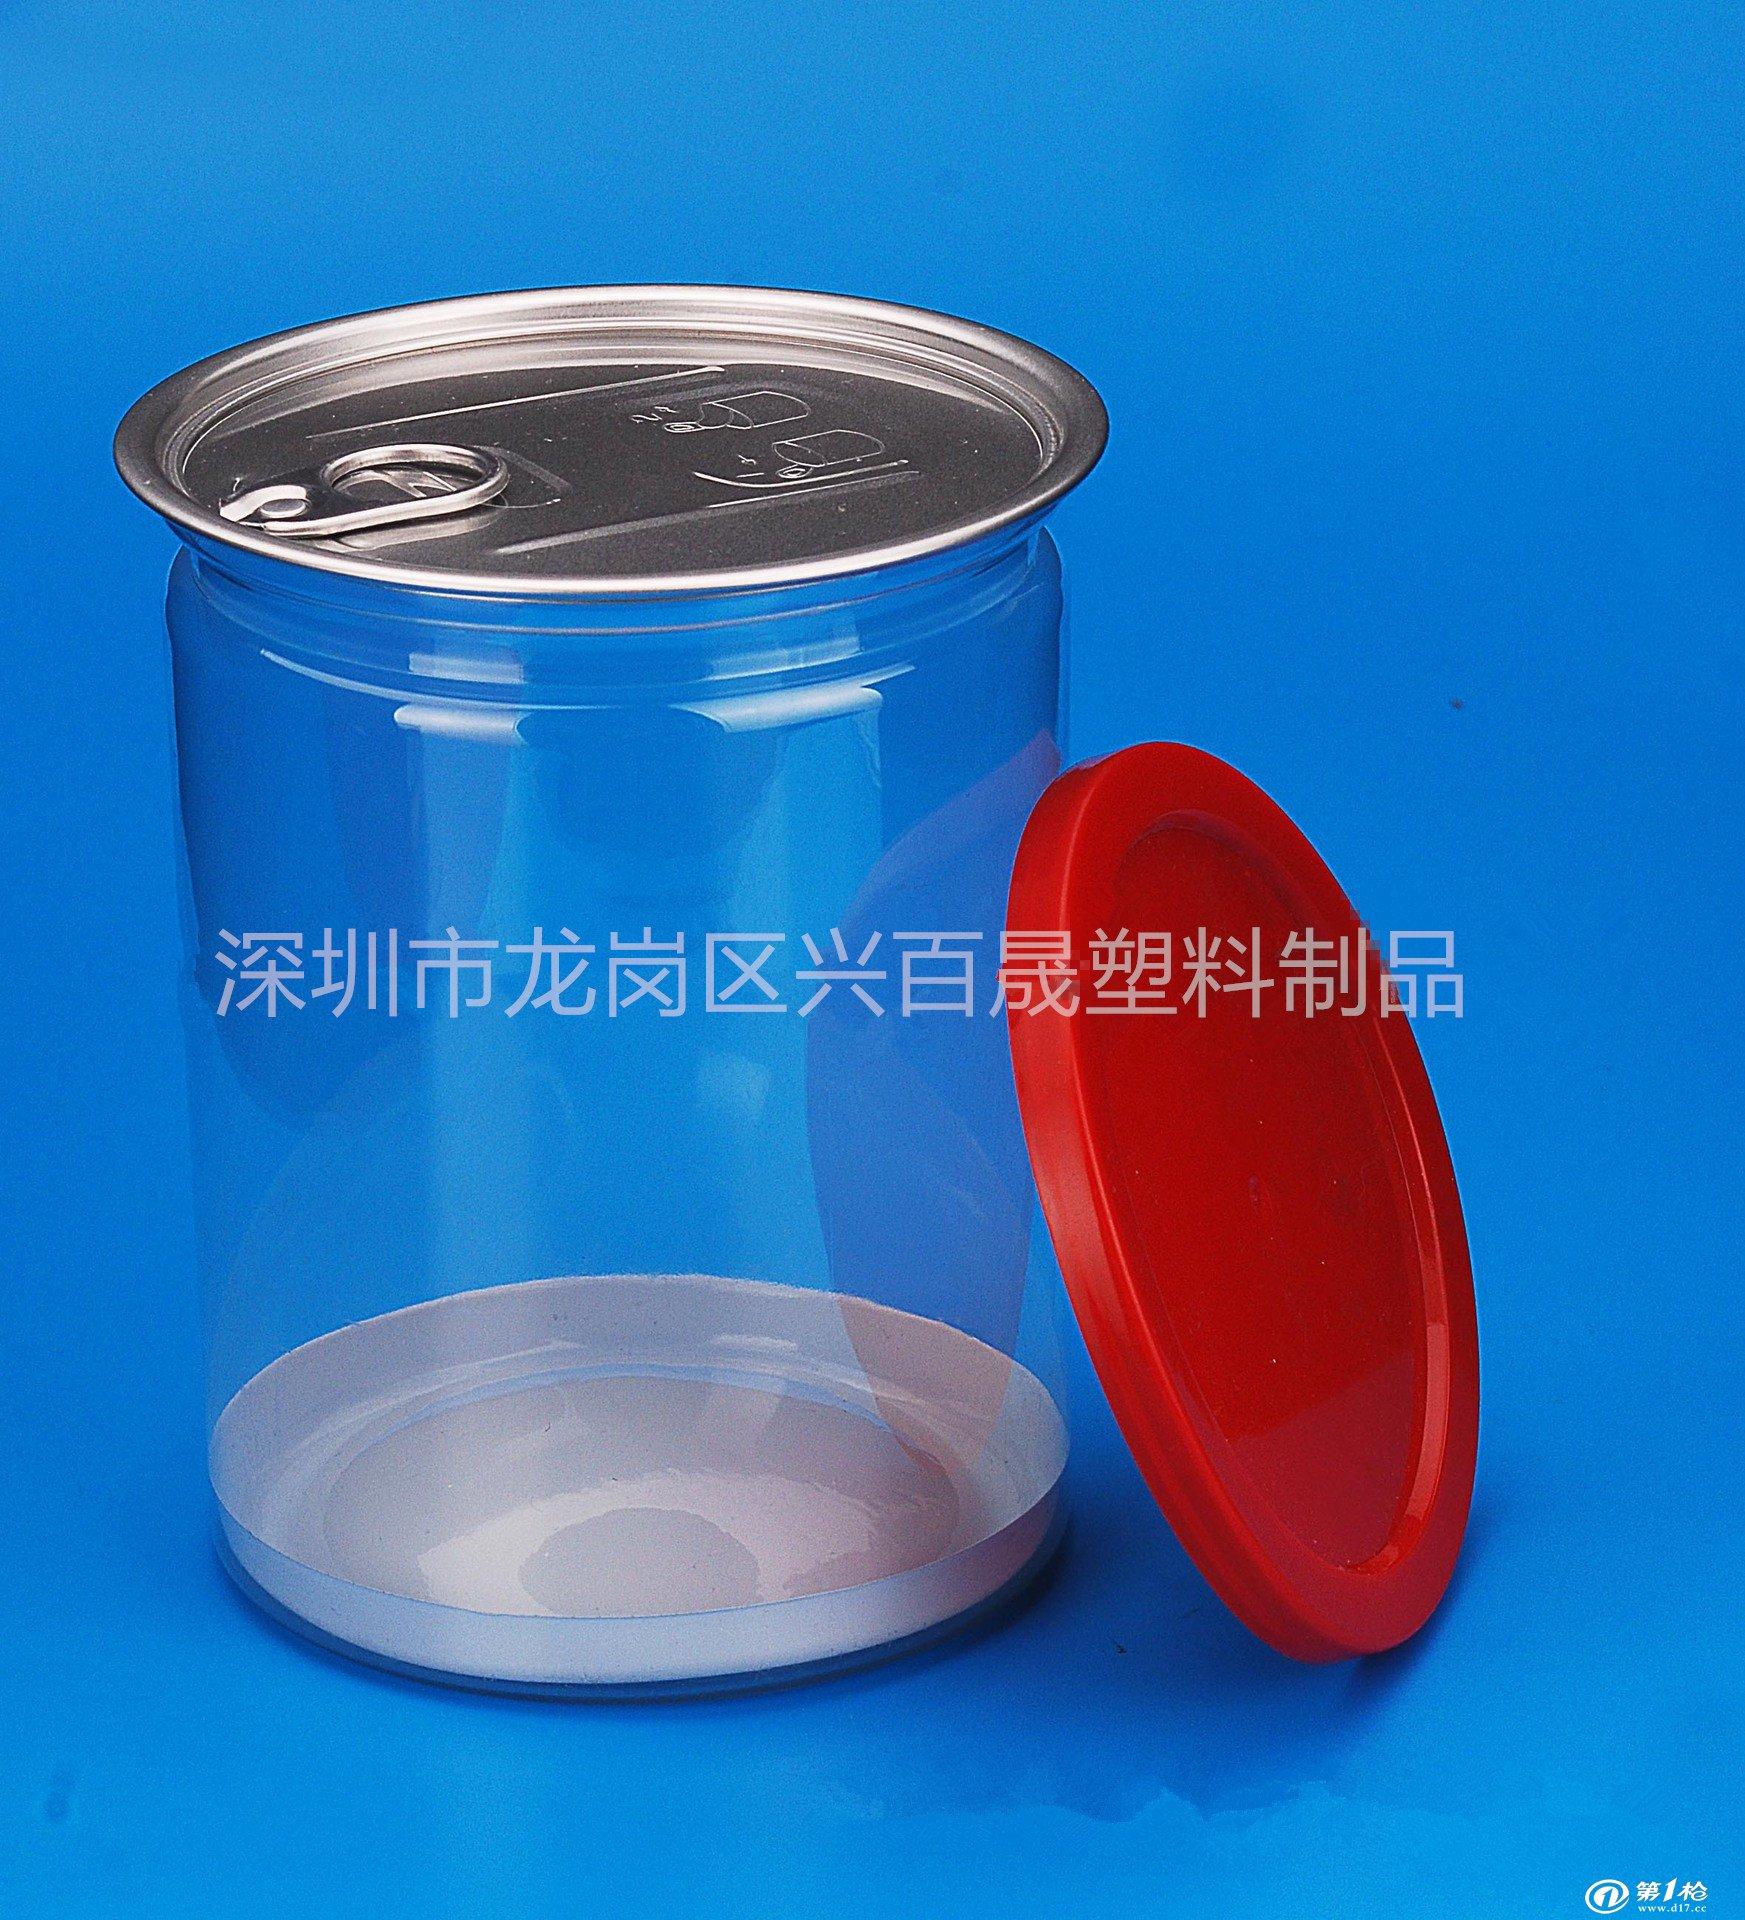 厂家供应透明易拉罐中药饮片枸杞包装瓶山楂脆花茶环保食品塑料罐